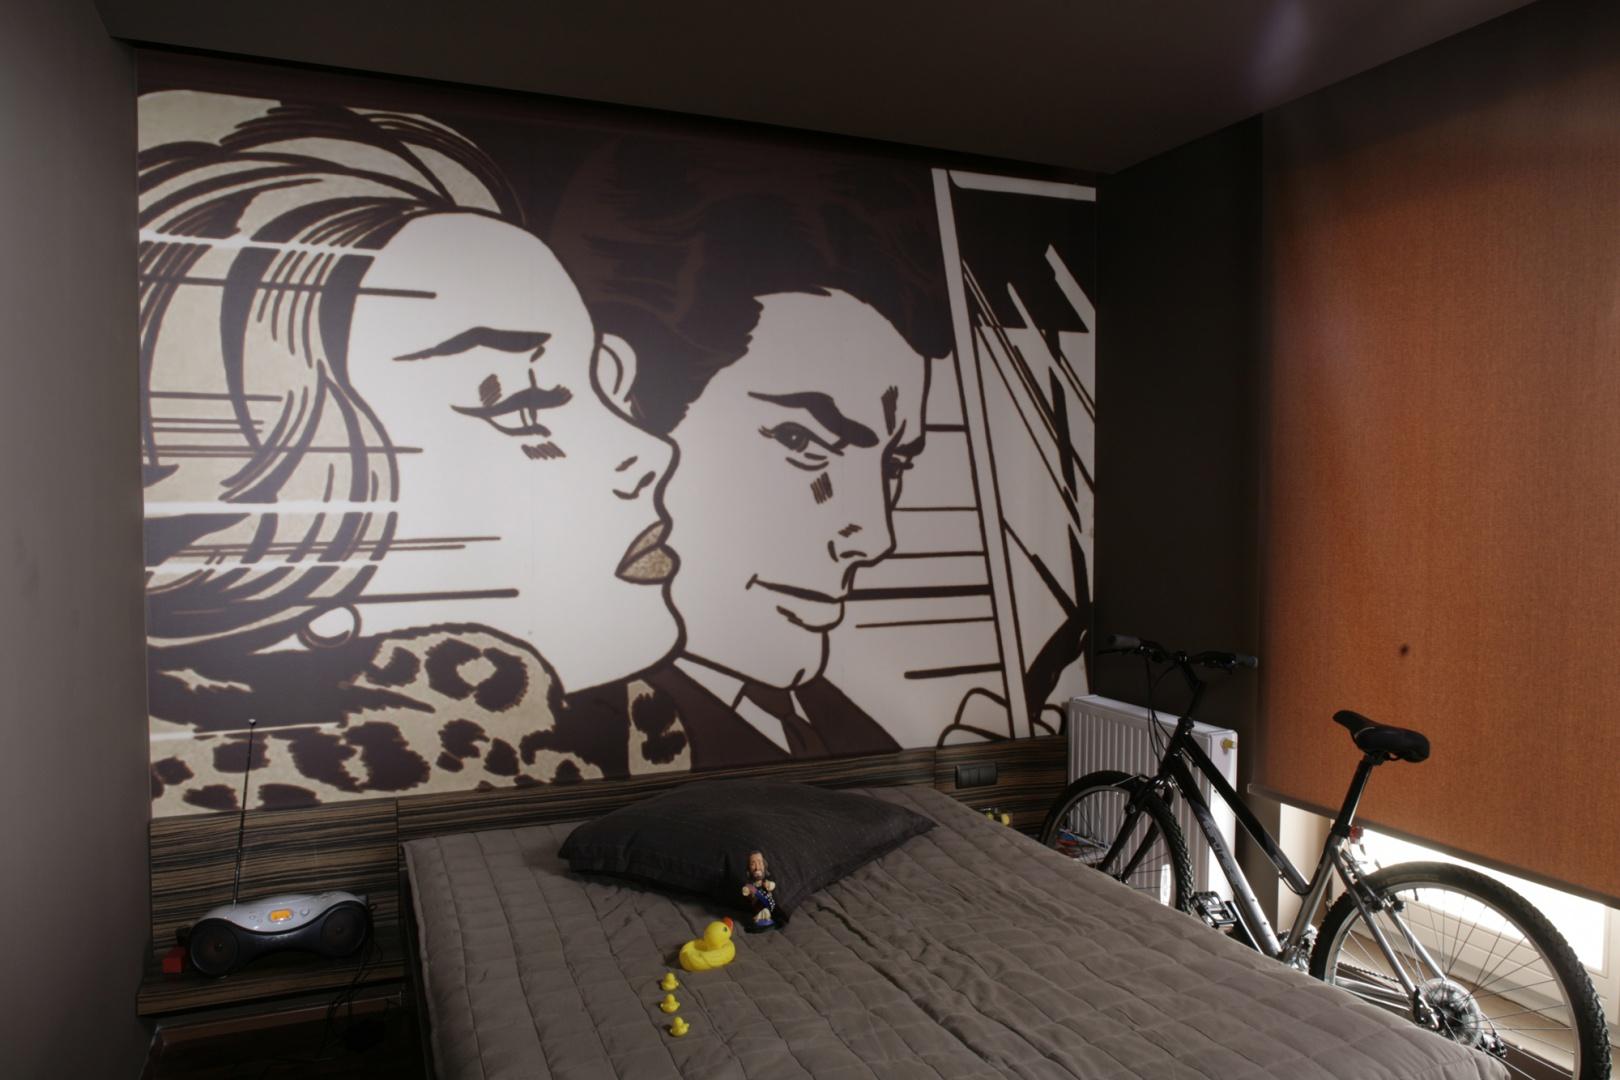 Główna ściana sypialni robi mocne wrażenie - w całości pokryto ją, zrobioną na zamówienie, tapetową reprodukcją jednego z obrazów Roya Lichtensteina. Fot. Bartosz Jarosz.